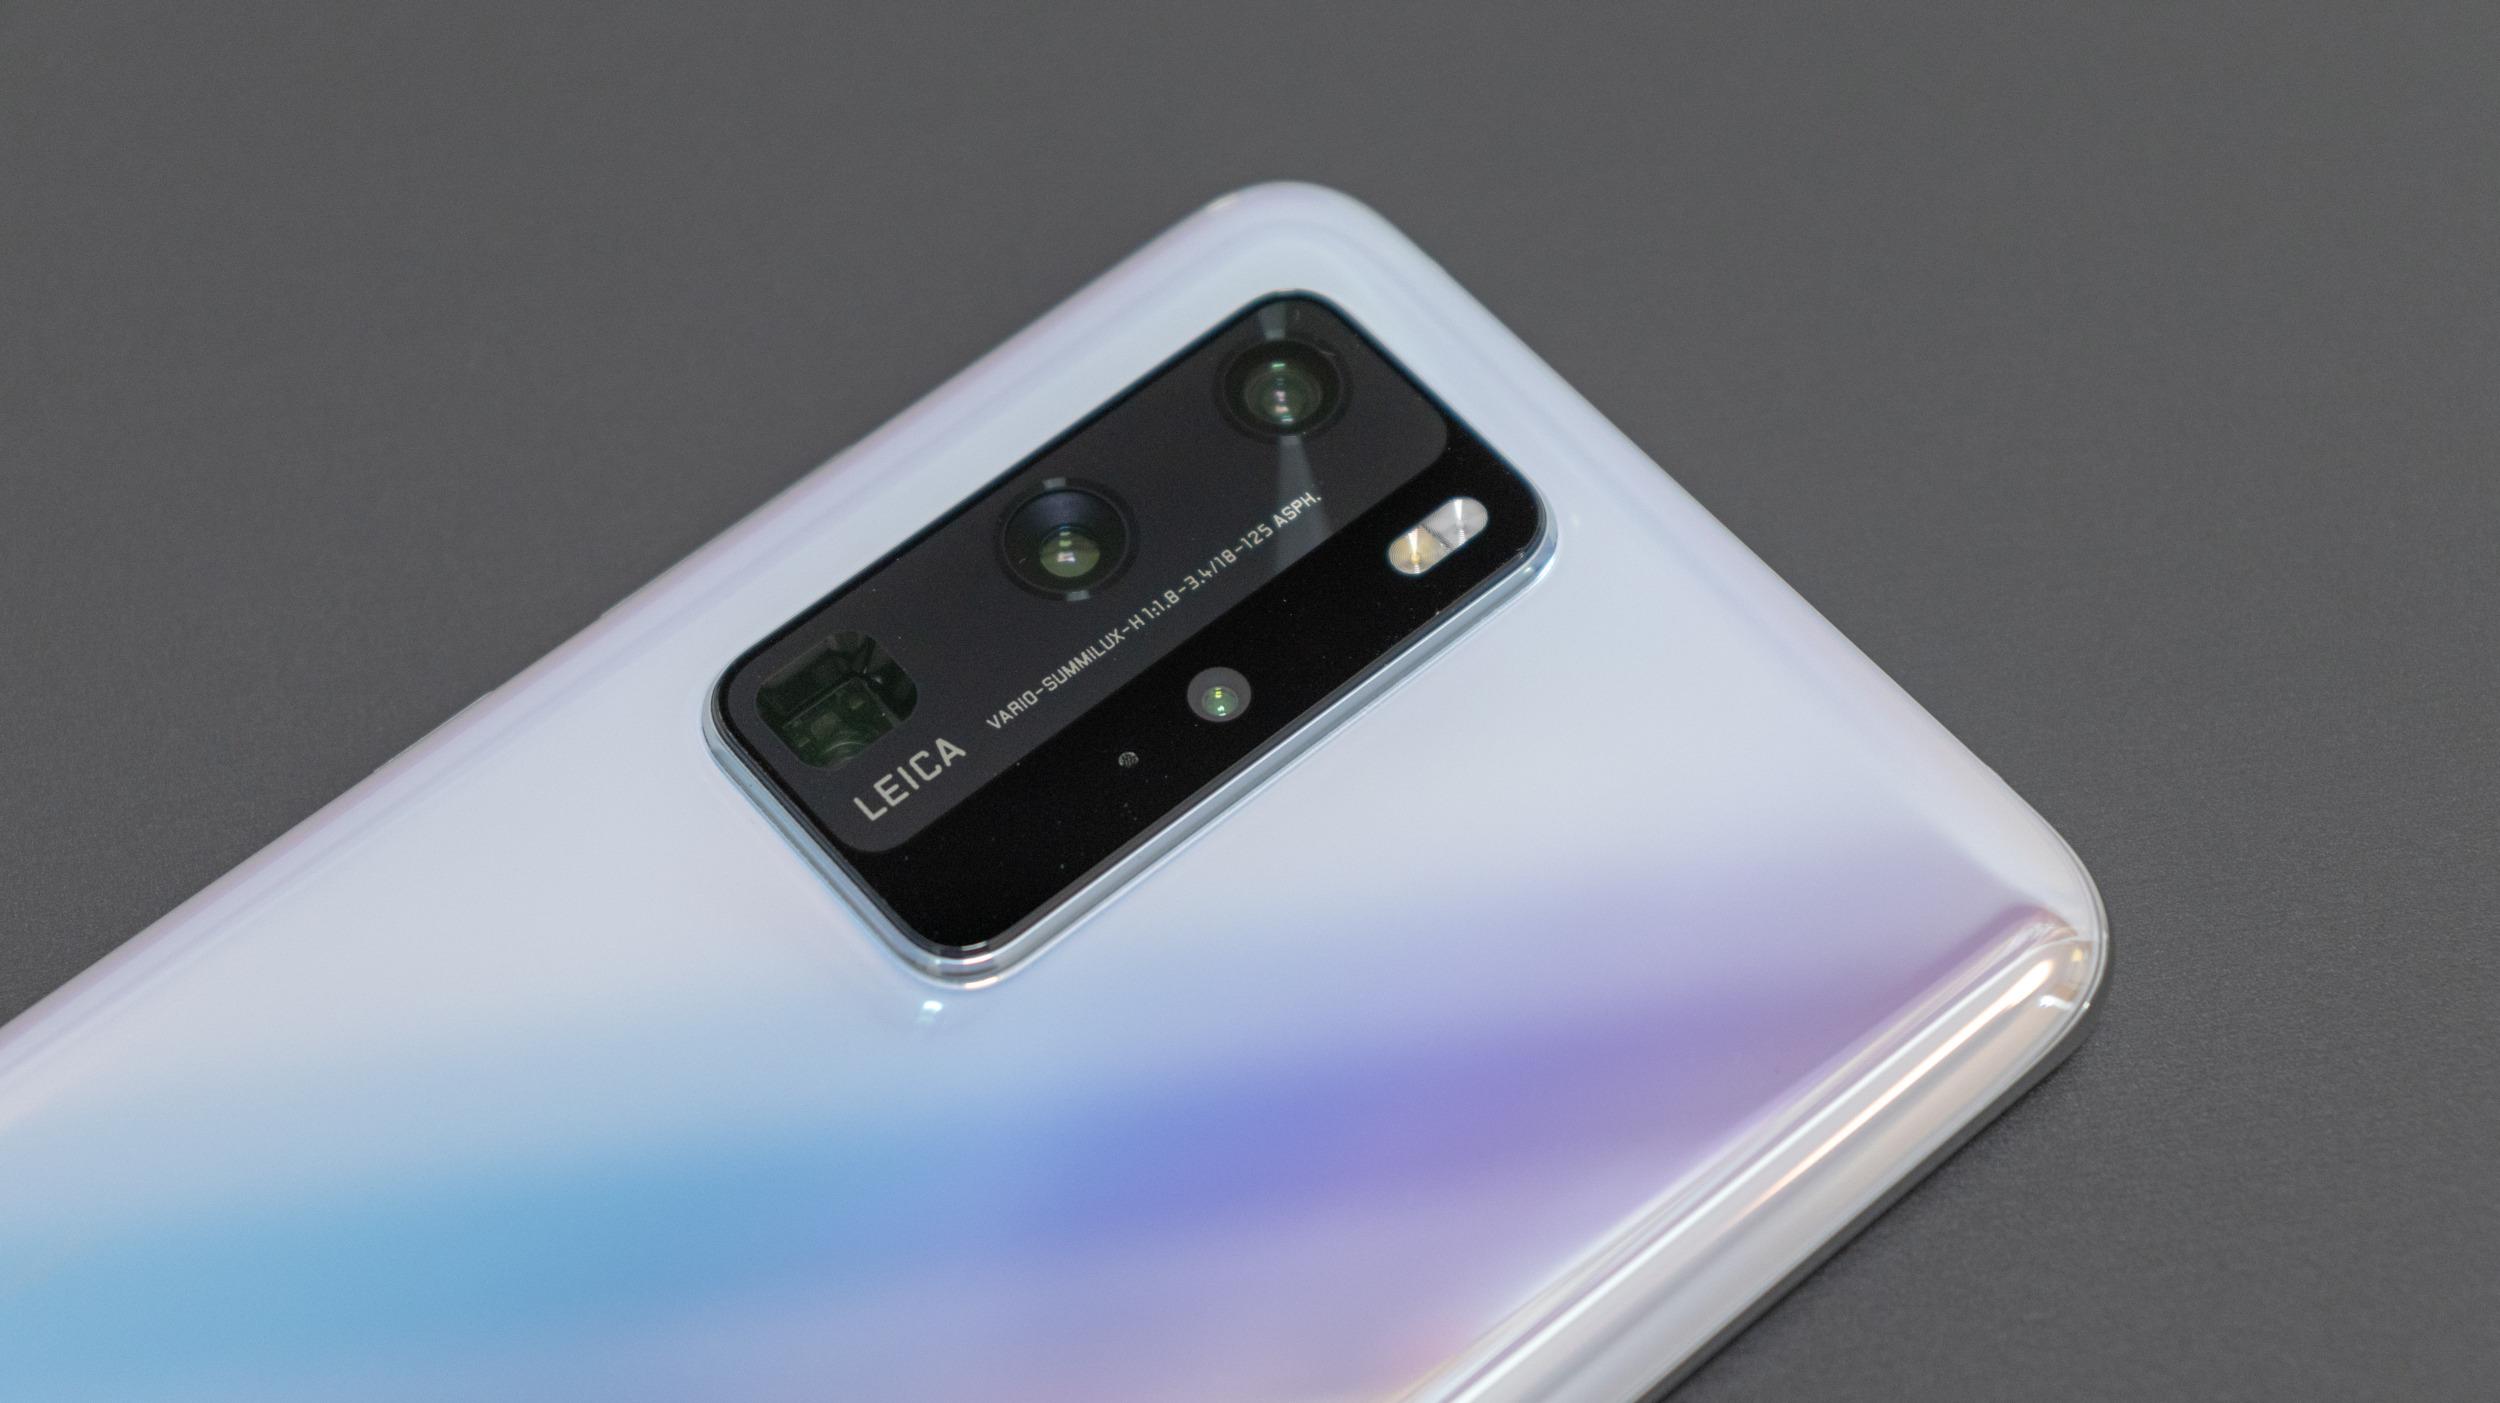 Aktualizace pro Huawei P40 Pro s režimem AI 50 MP je dostupná v ČR [aktualizováno]